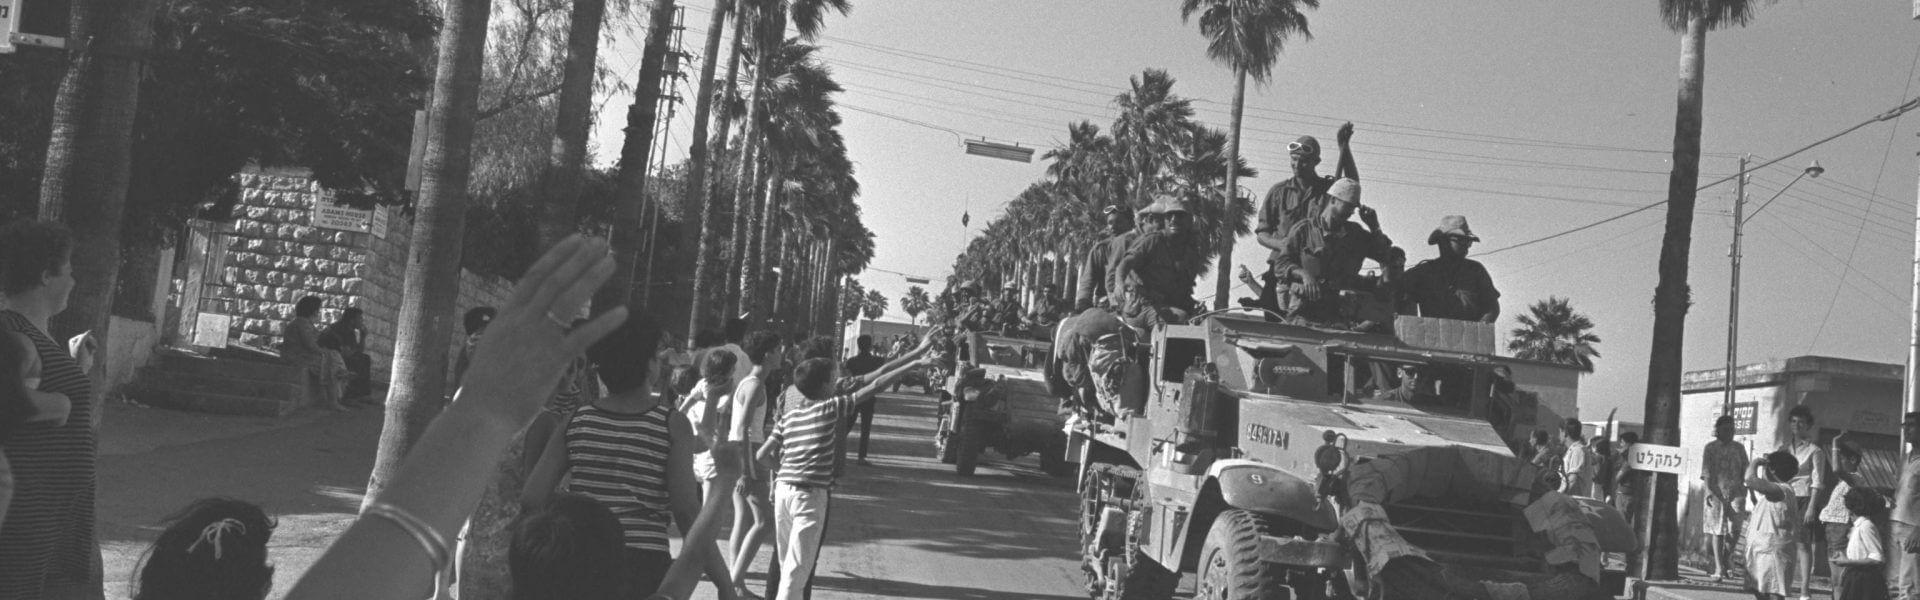 טנקים ישראלים בדרכם מטבריה לגבול עם סוריה, 1967, תמונה ראשית: ויקישיתוף,Government Press Office (Israel) [CC BY-SA 4.0 (https://creativecommons.org/licenses/by-sa/4.0)]